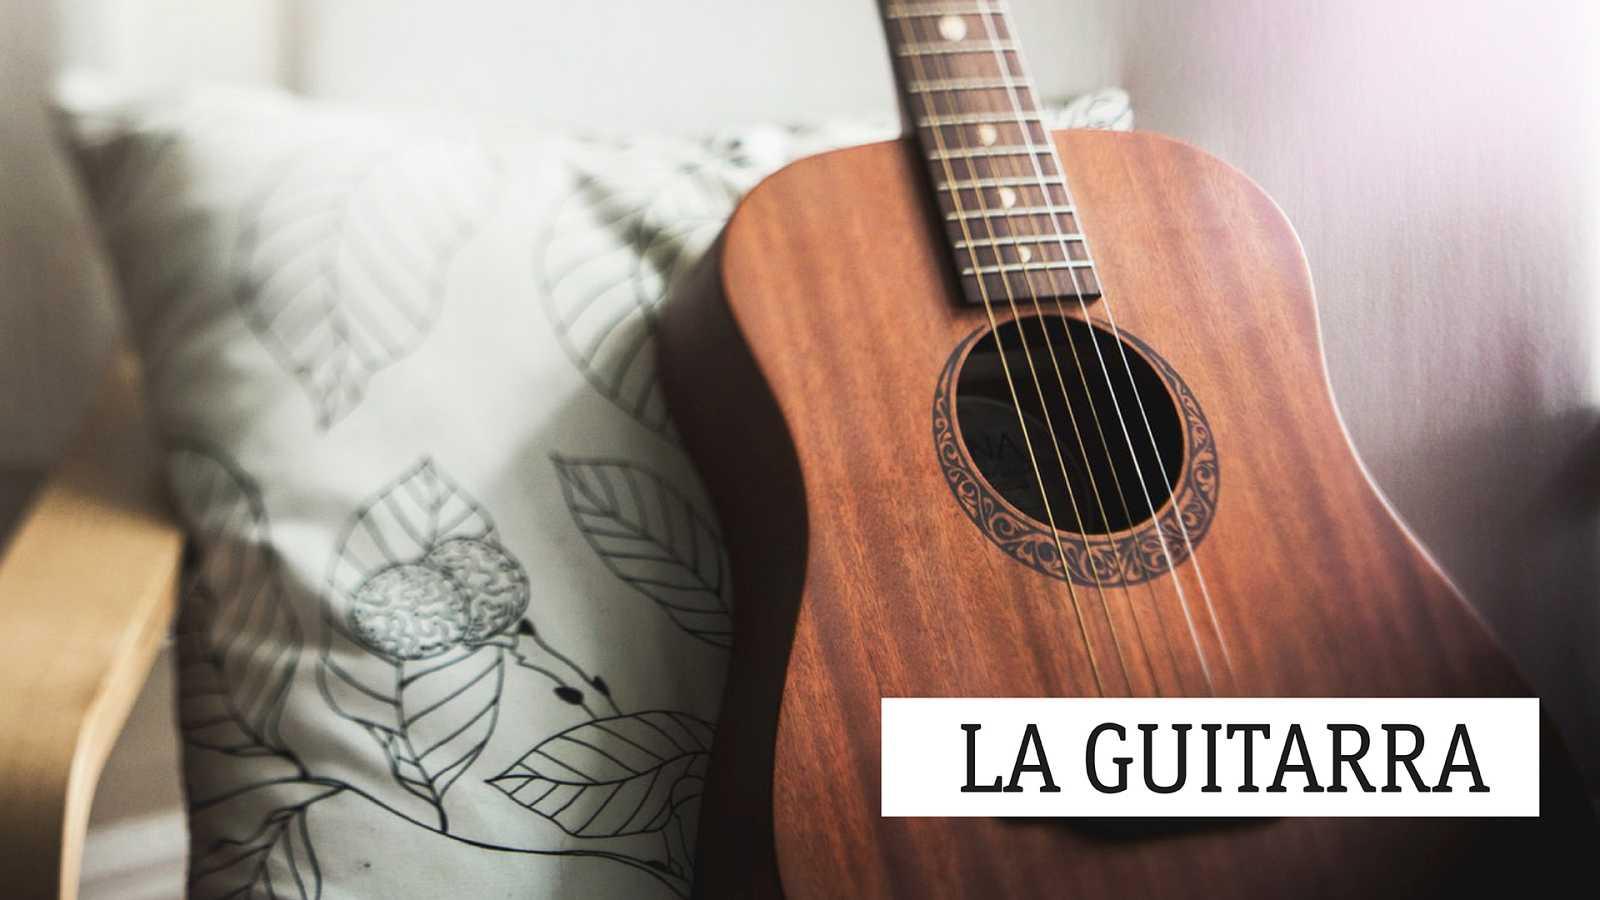 La guitarra - 31/05/20 - escuchar ahora